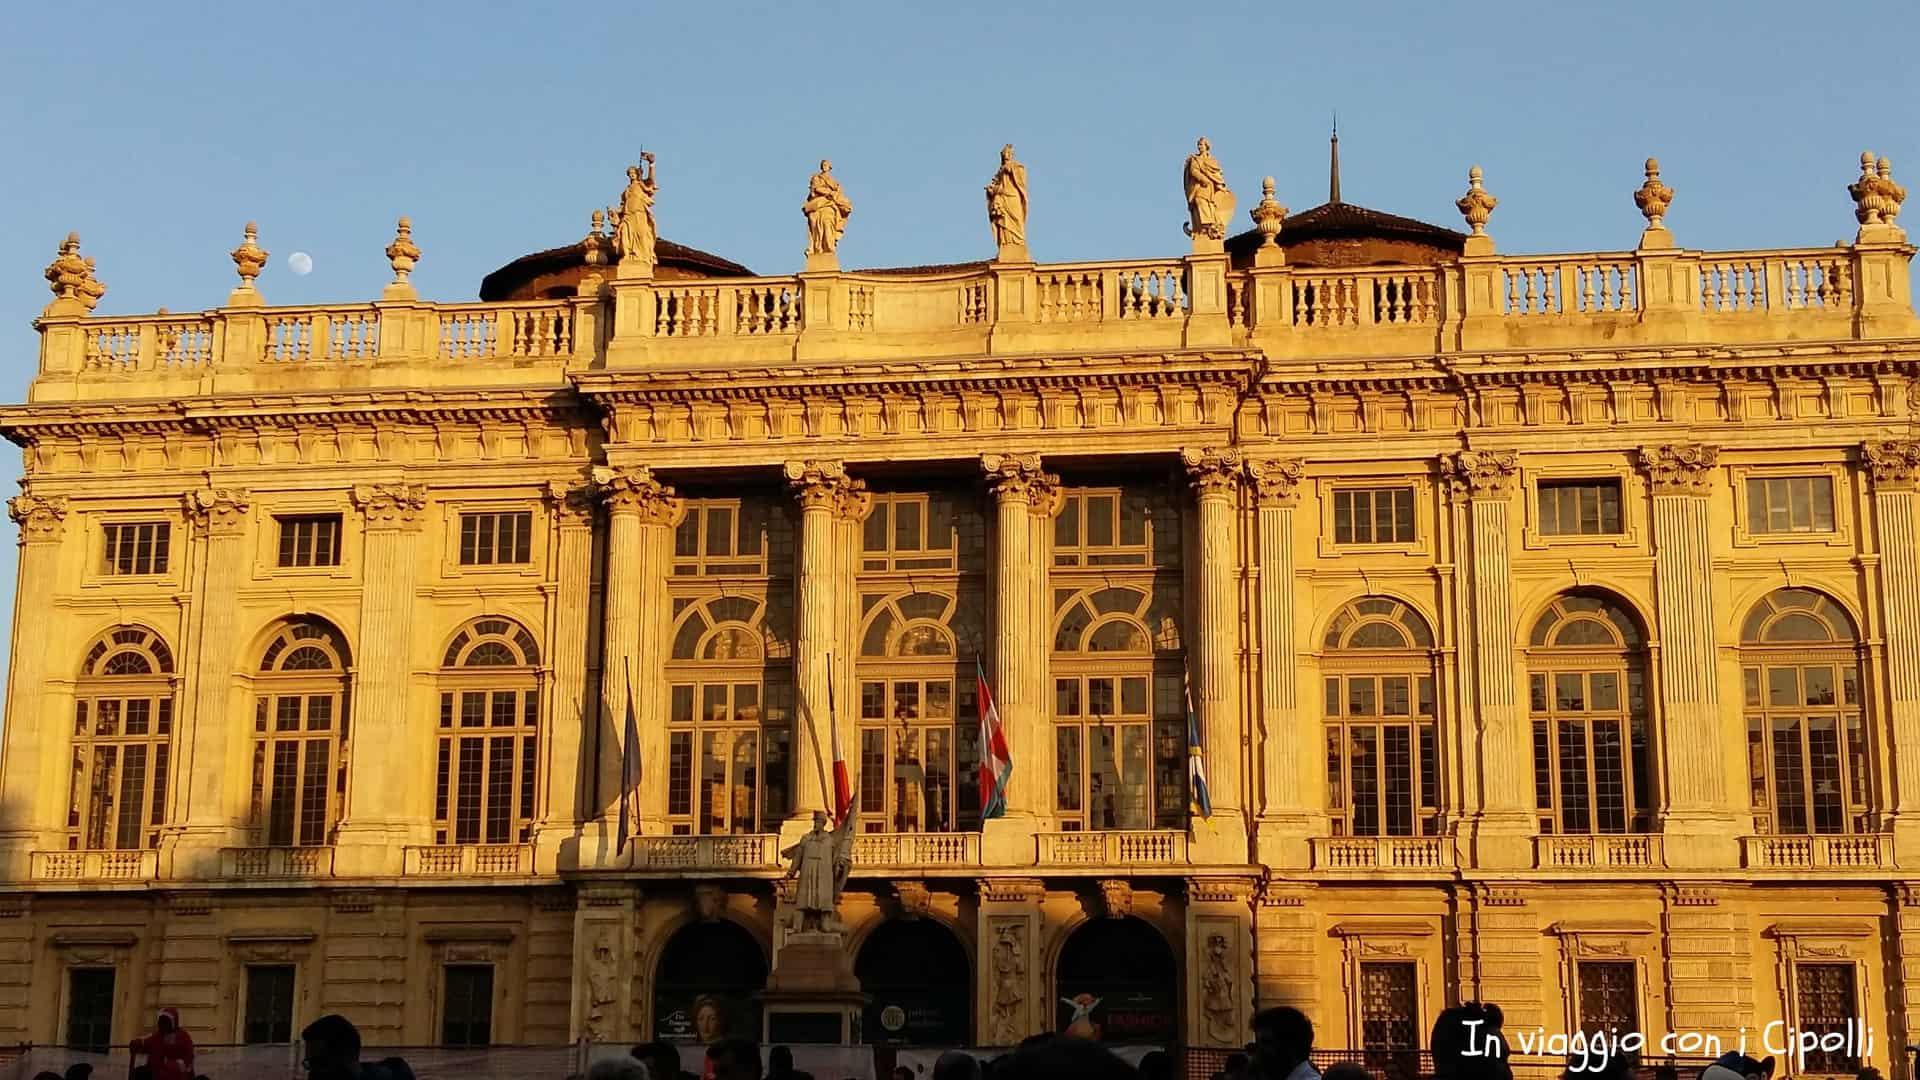 Primo giorno a torino con i bambini il palazzo reale e il for Torino da vedere in un giorno